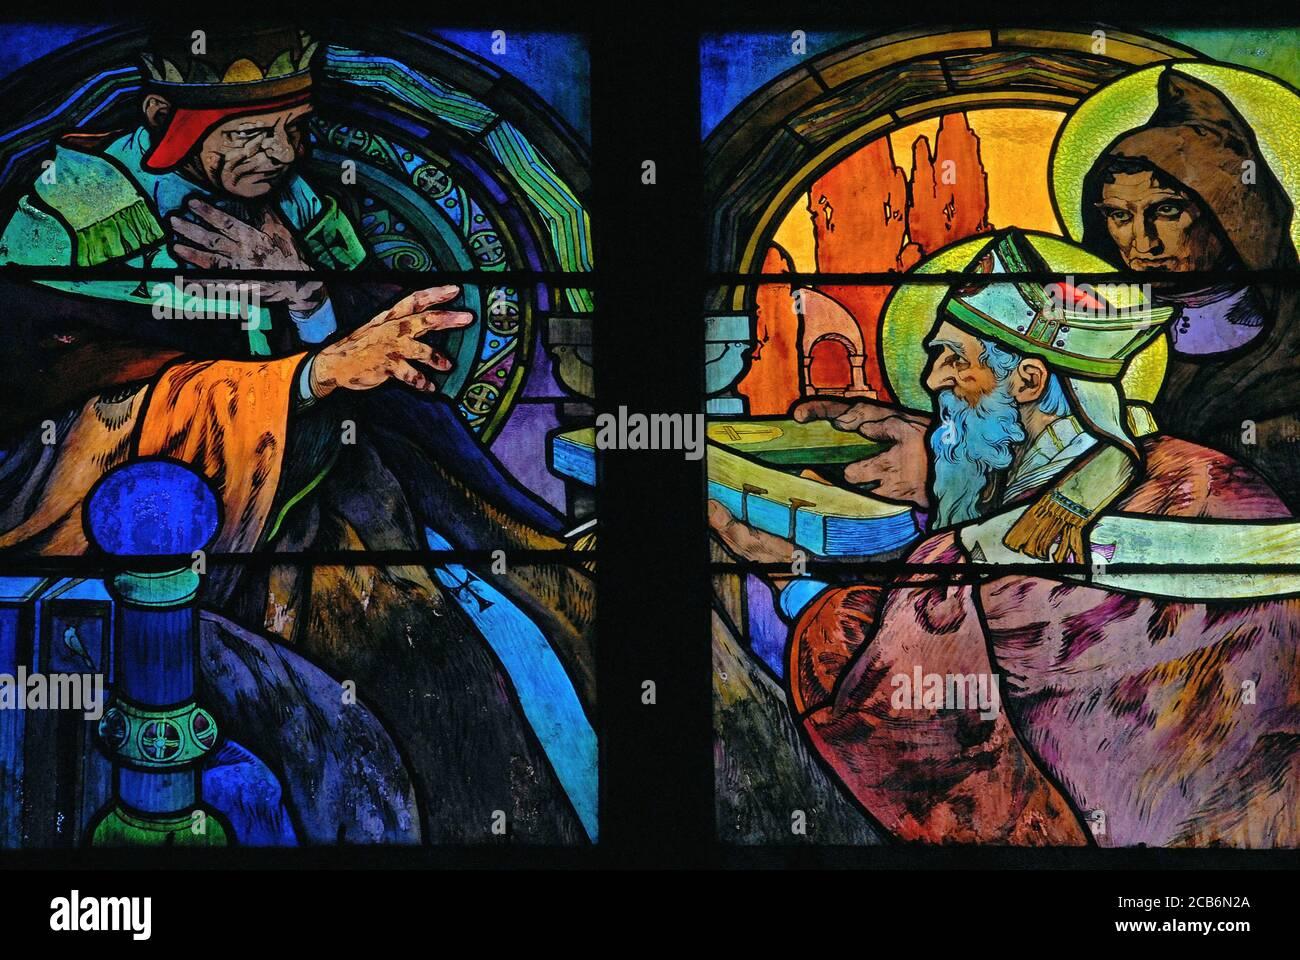 Una escena de la vida de los hermanos santos Cirilo y Metodio, en vívida 1930 vidrieras por el influyente artista Art Nouveau Alphonse Mucha para la capilla del nuevo arzobispo en la Catedral de San Vito en Praga, capital de la República Checa. Los santos, misioneros eslavos moravos, ayudaron a difundir el cristianismo al Traducir la Biblia en un idioma que los eslavos podían entender y al idear un alfabeto eslavo para transcribirlo. Alphonse o Alfons Maria Mucha (1860-1939) fue un prolífico pintor, ilustrador y artista gráfico Art Nouveau. Foto de stock